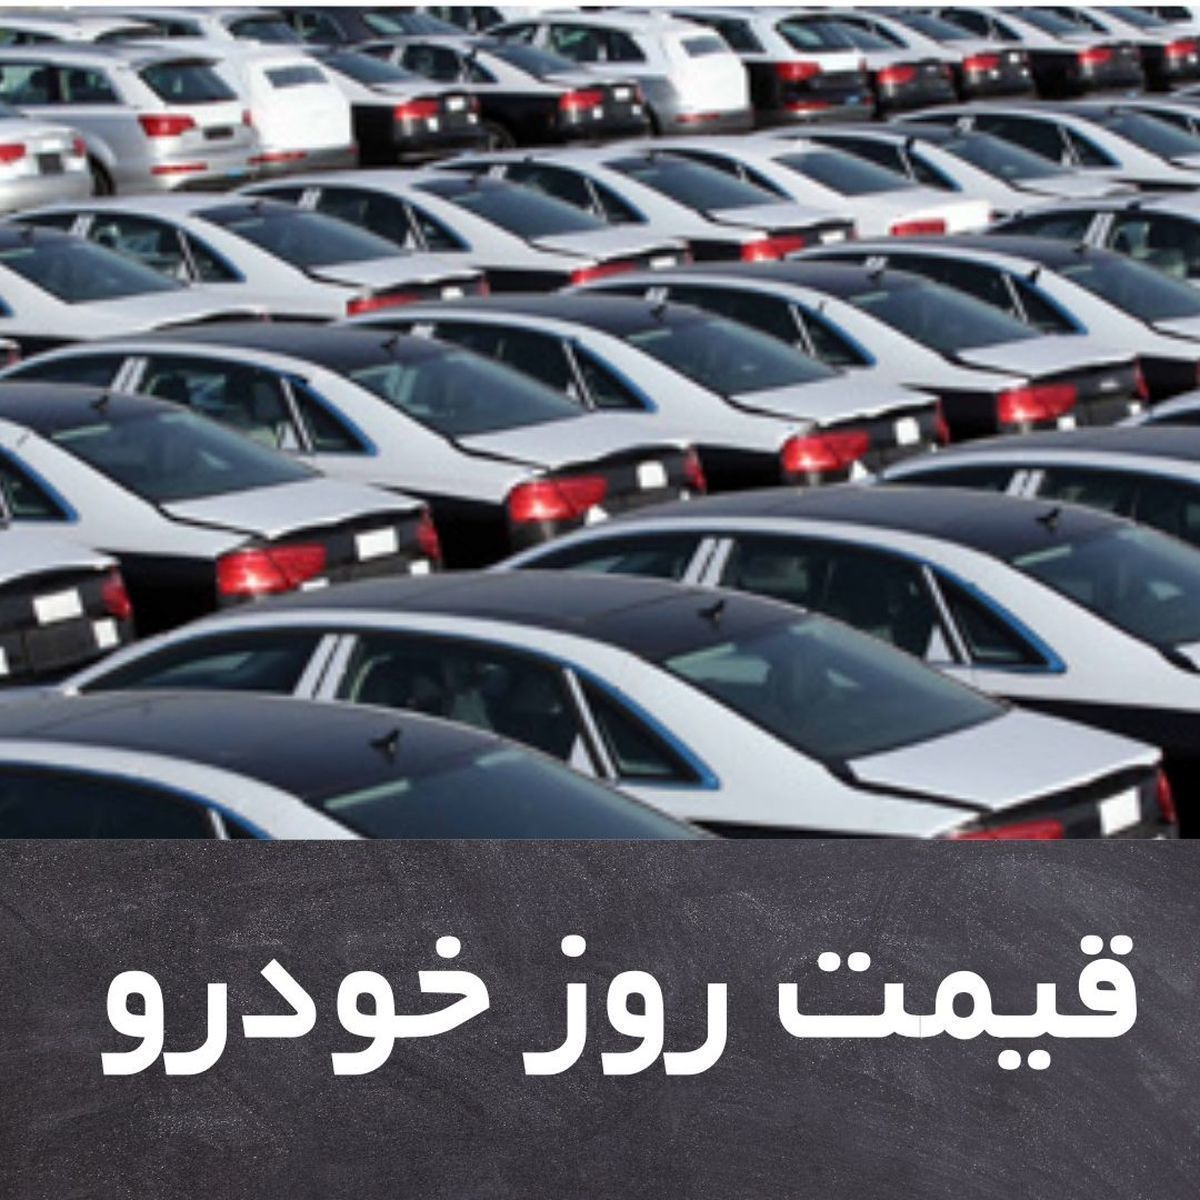 قیمت روز خودرو دوشنبه 13 اردیبهشت + جدول